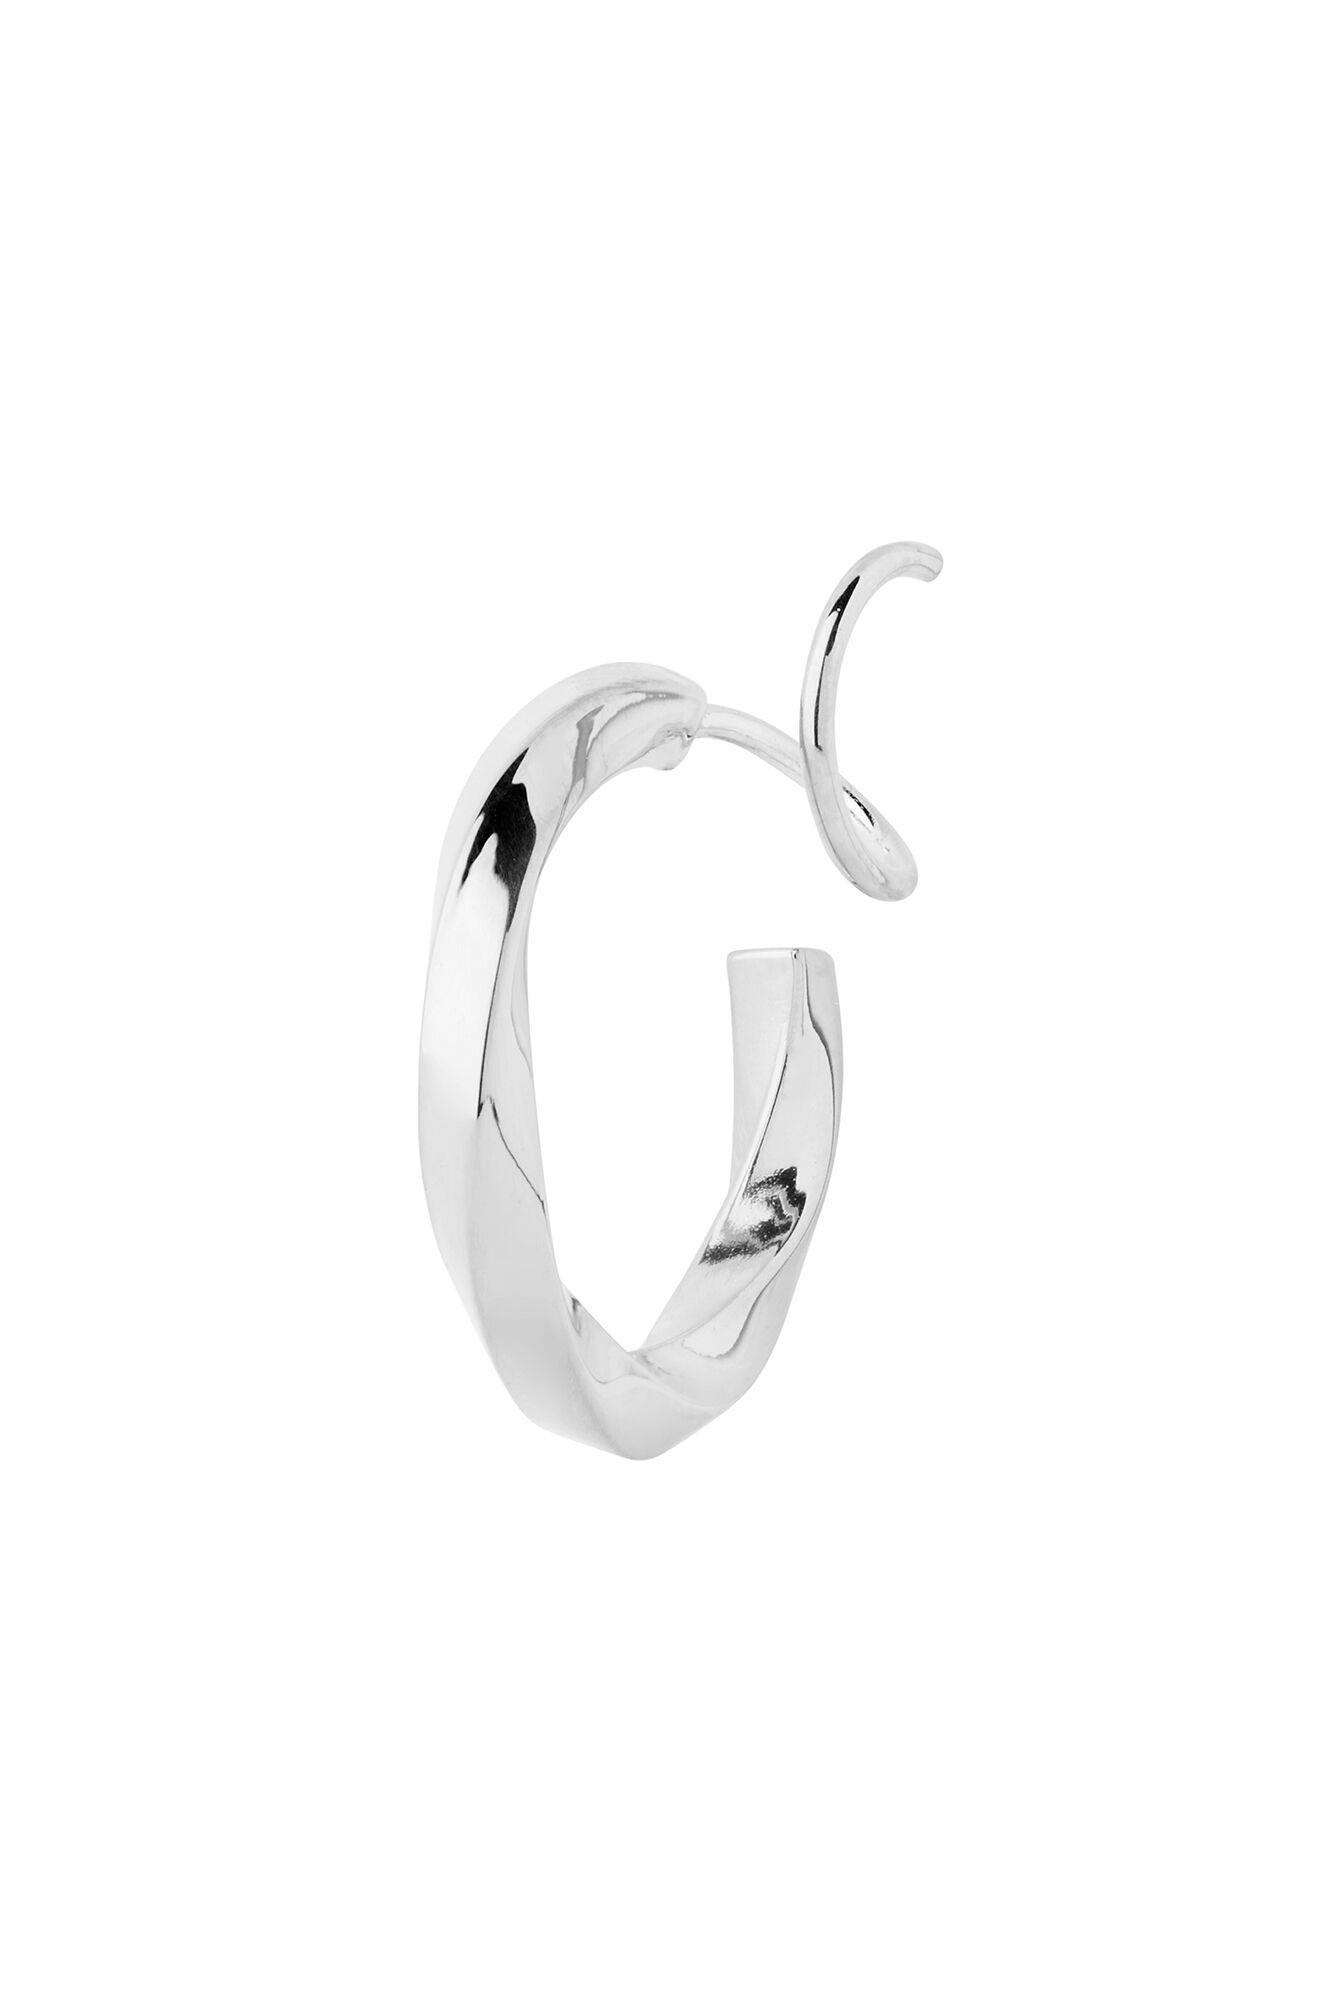 Marcelle Twirl Earring 100655, SILVER HP